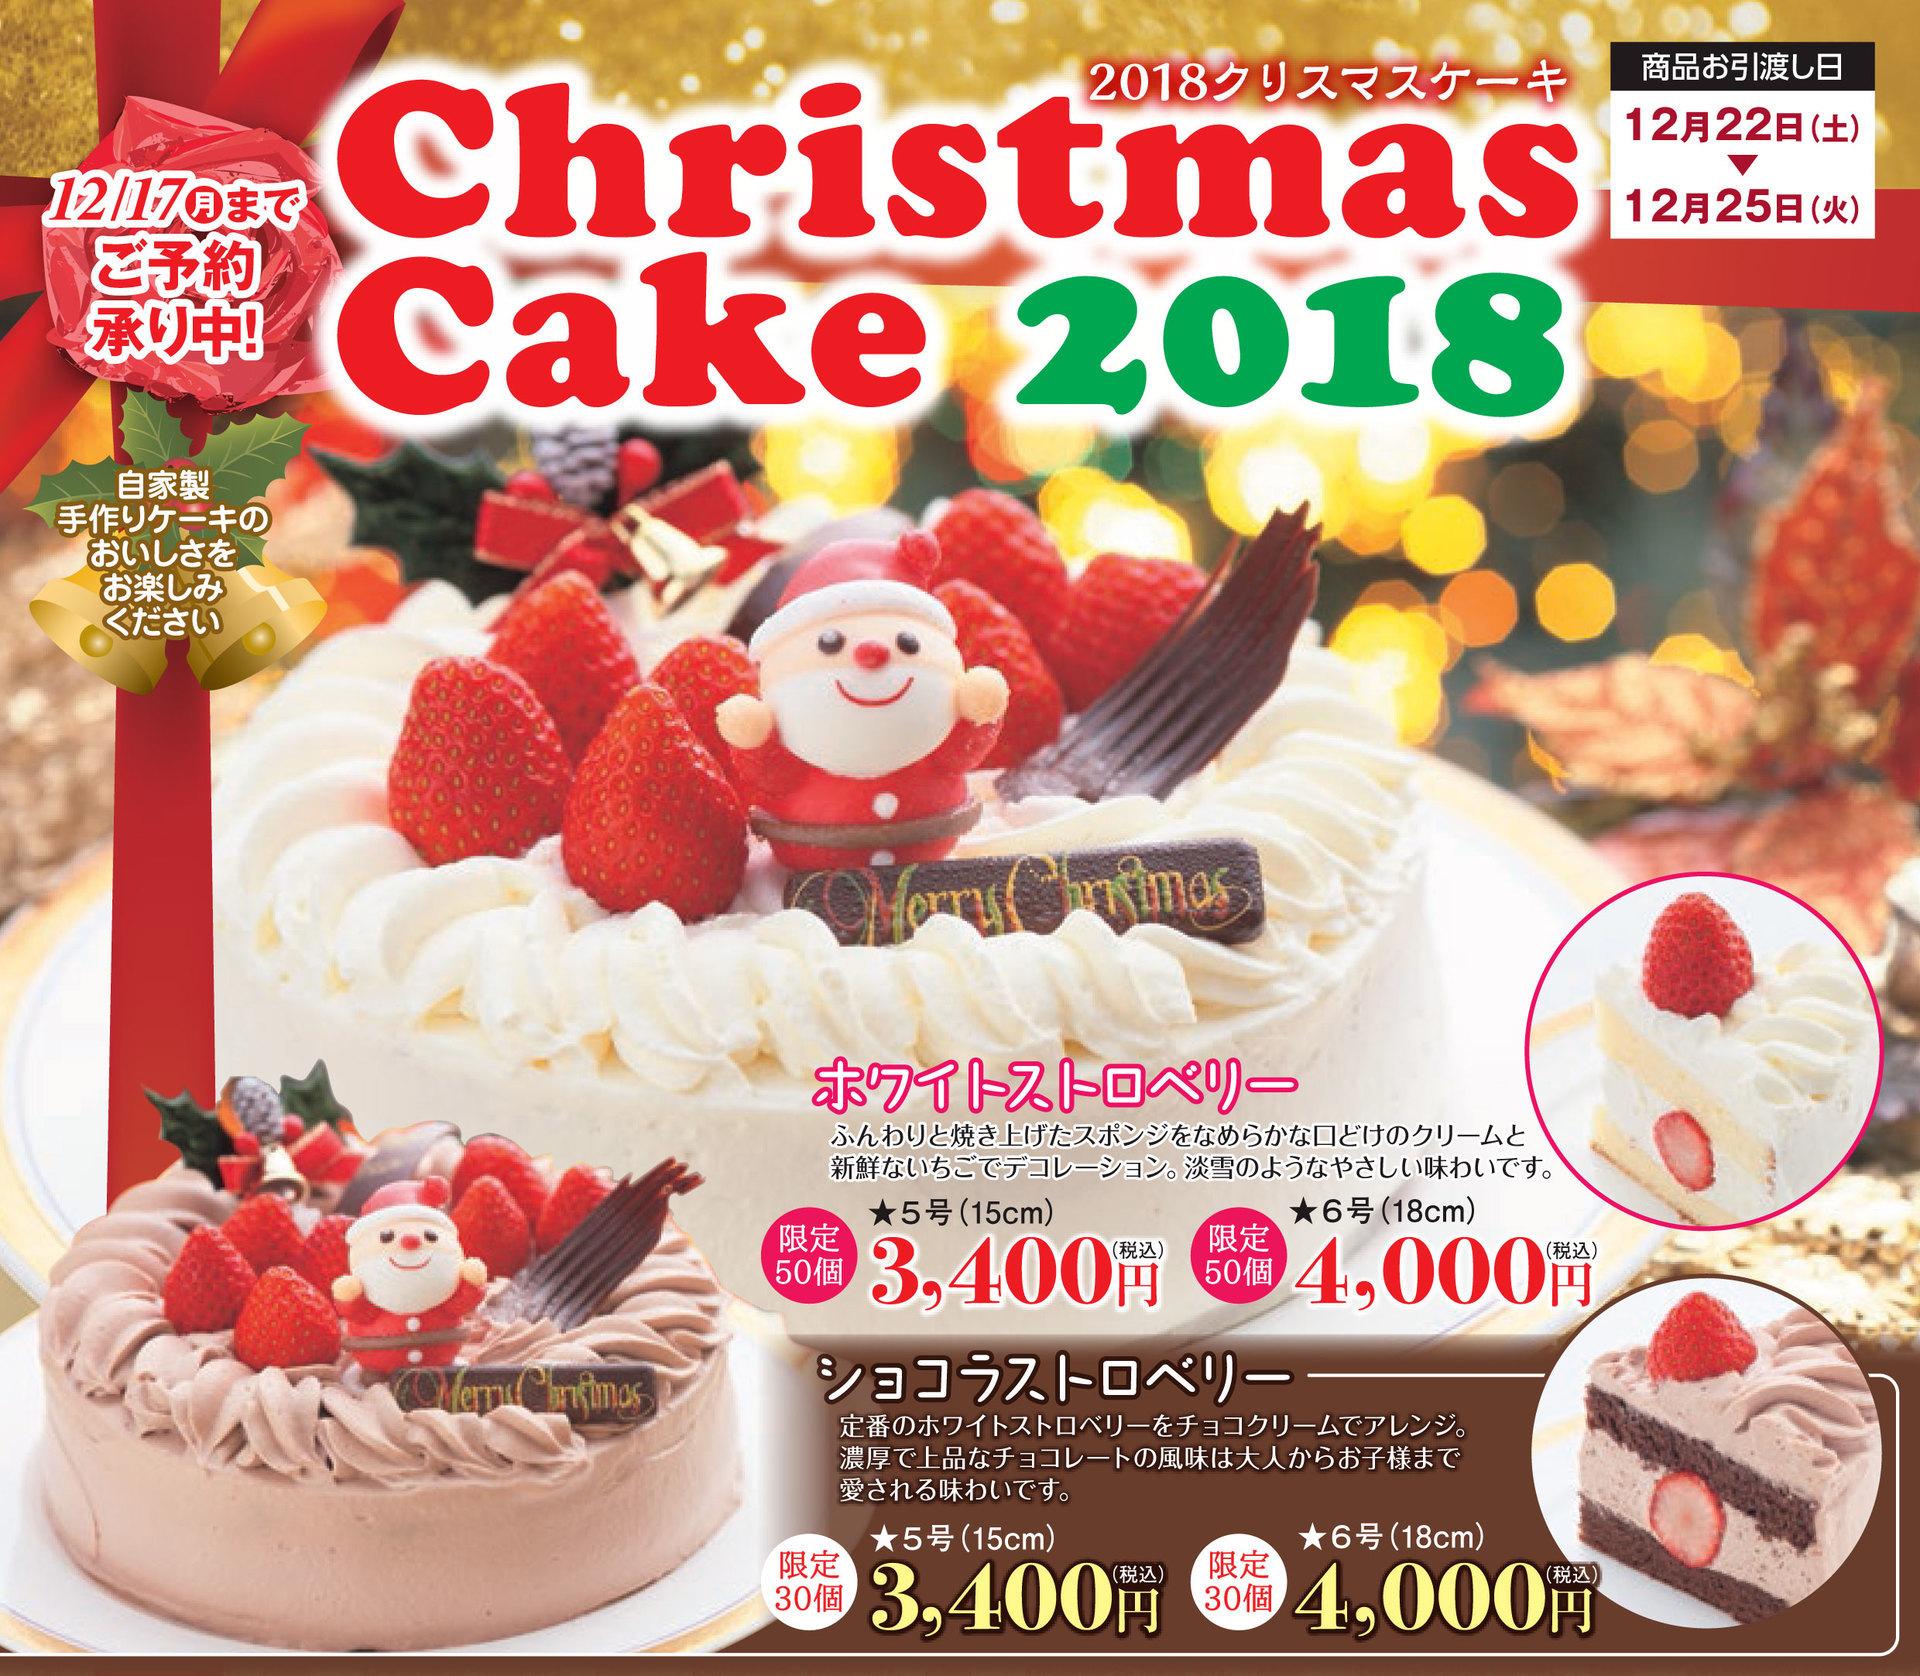 2018 花巻温泉クリスマスケーキ_web.jpg